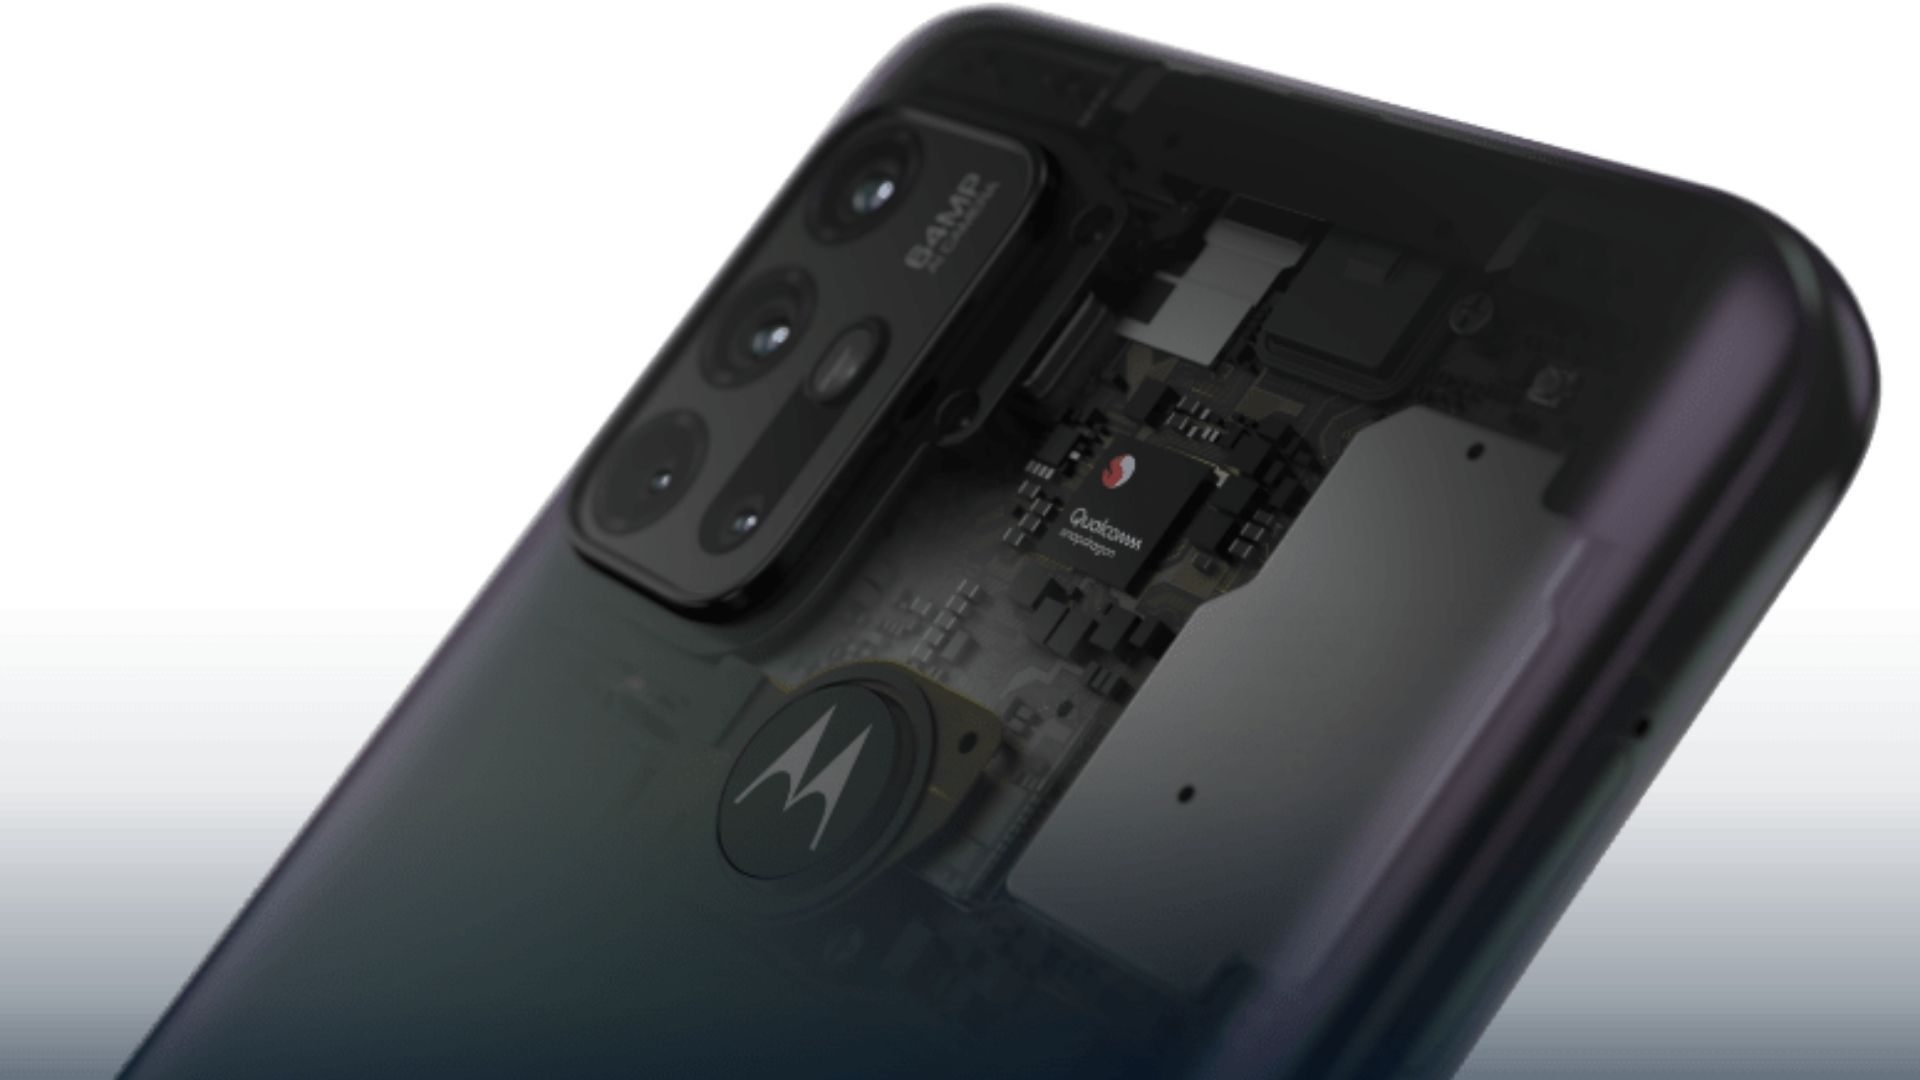 Ilustração mostrando a parte interna do Moto G30 com processador Snapdragon